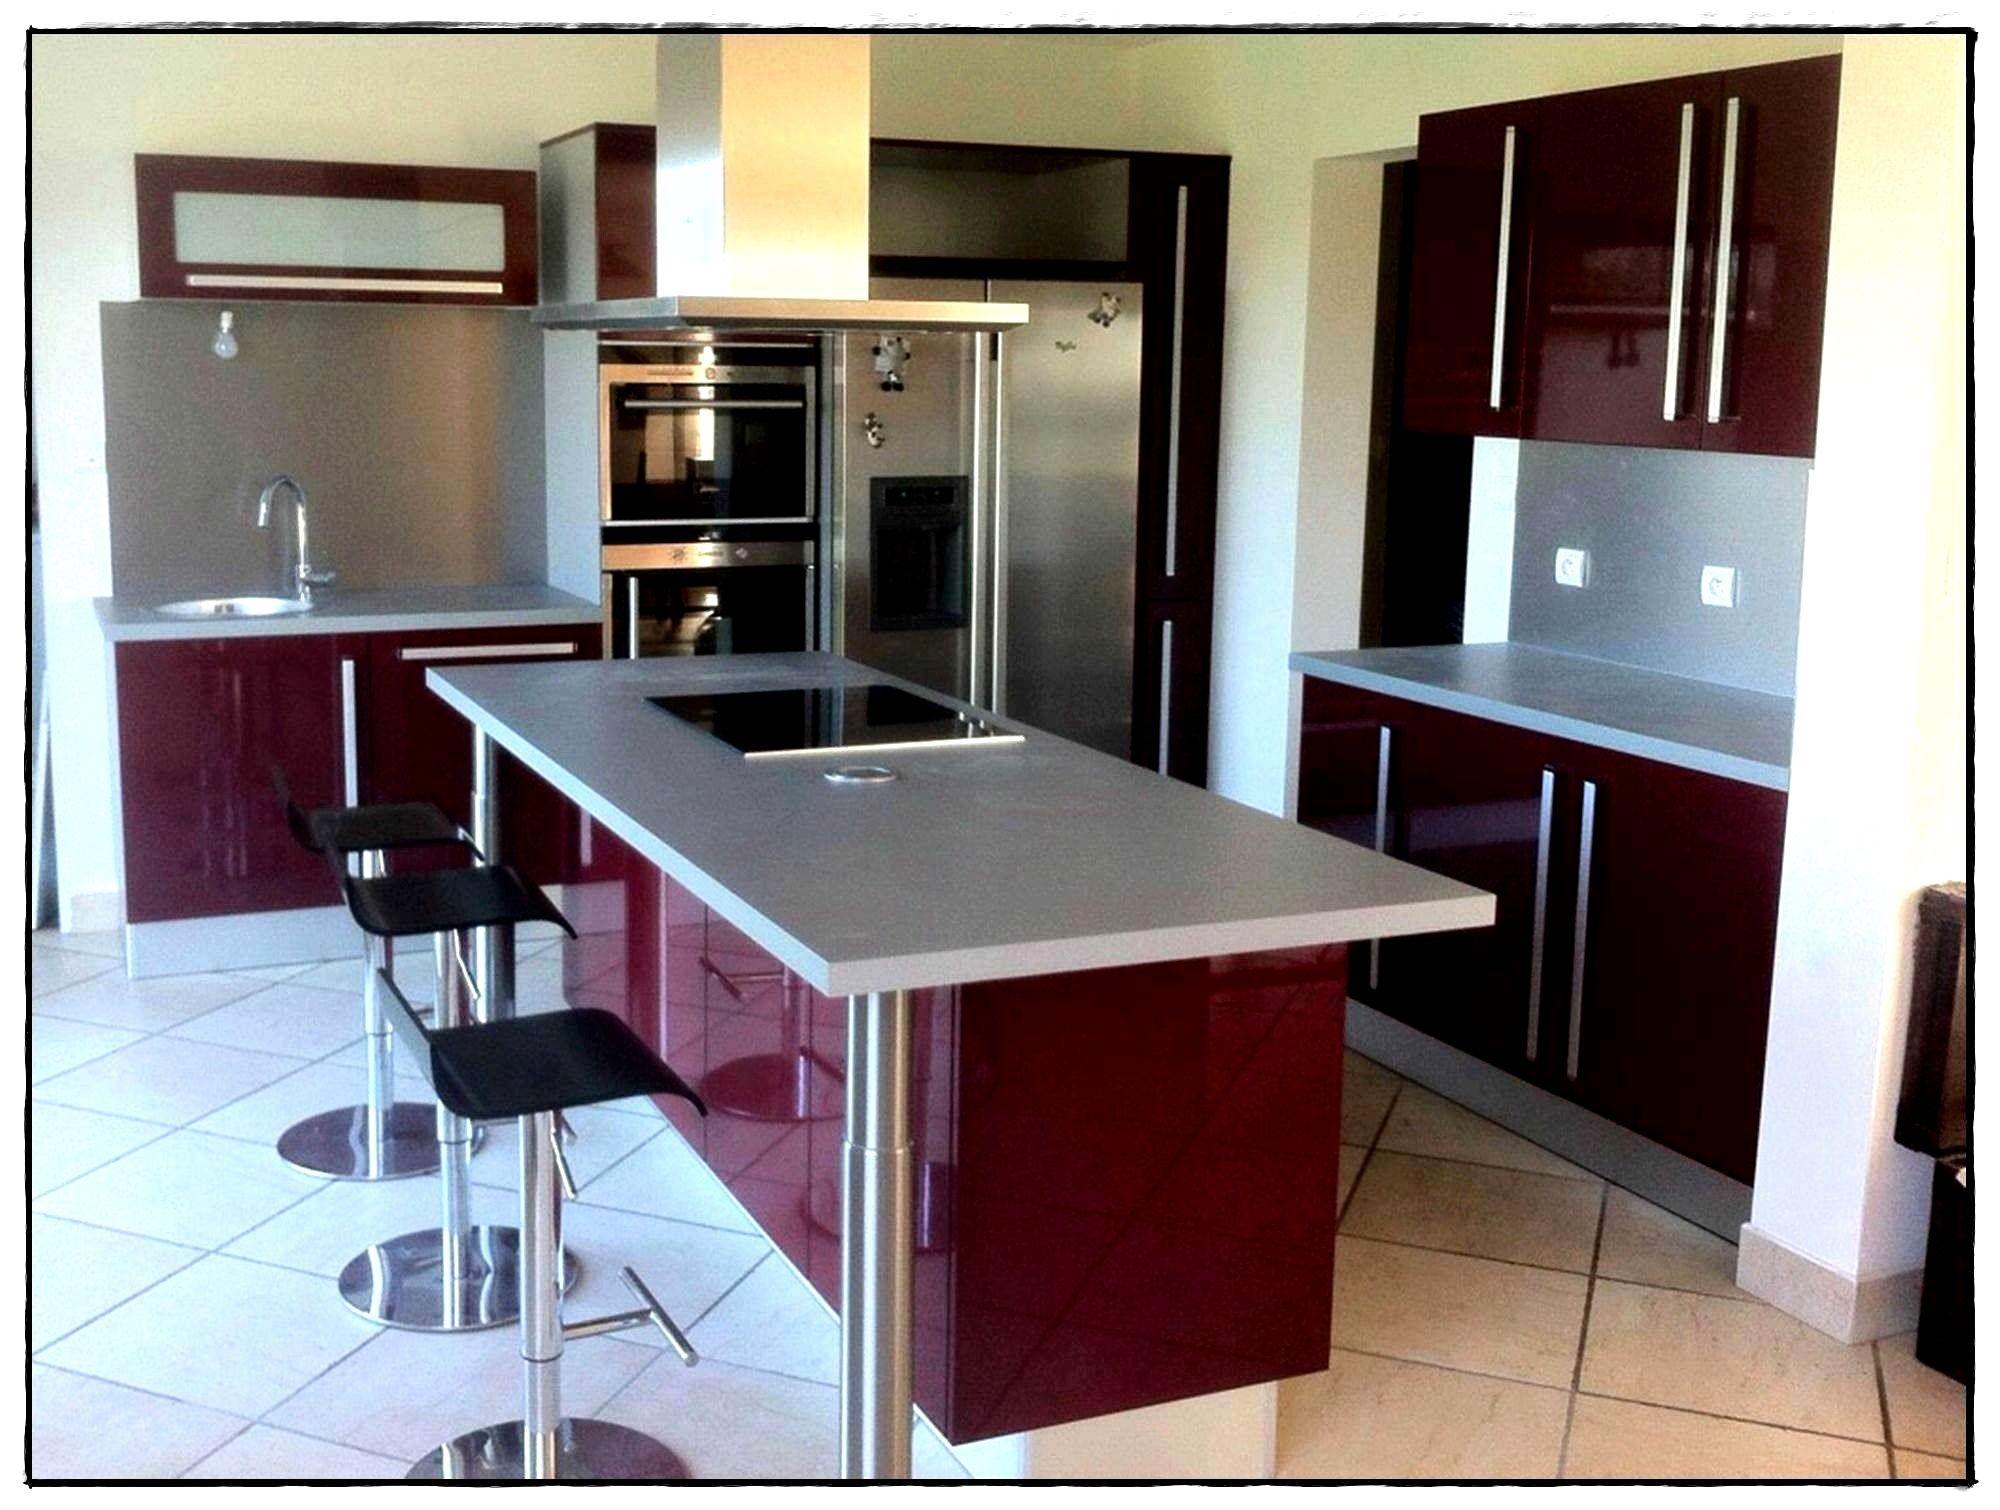 Ikea cuisine 3d ideas in 2020 cuisine ikea kitchen